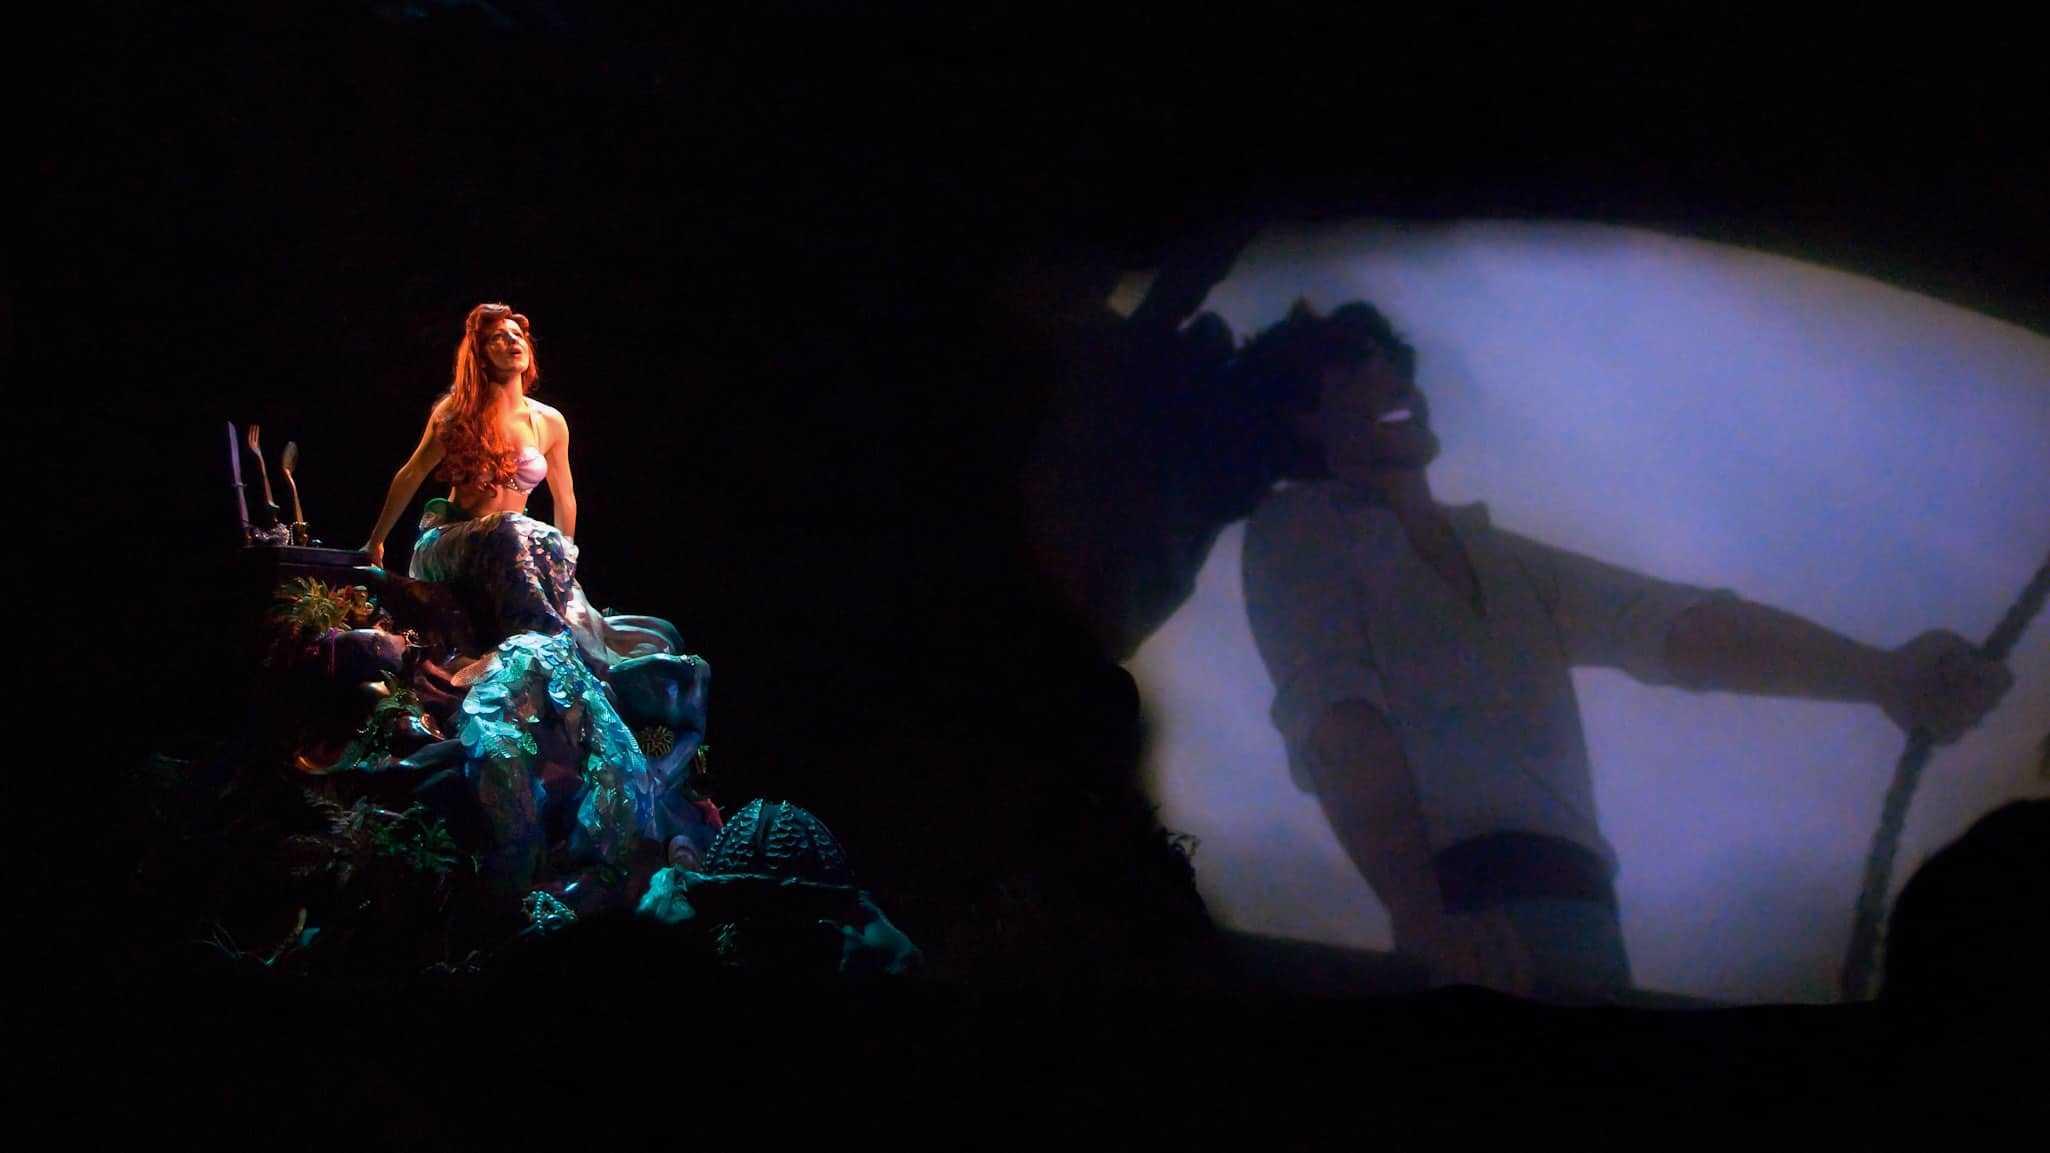 Voyage of Little Mermaid